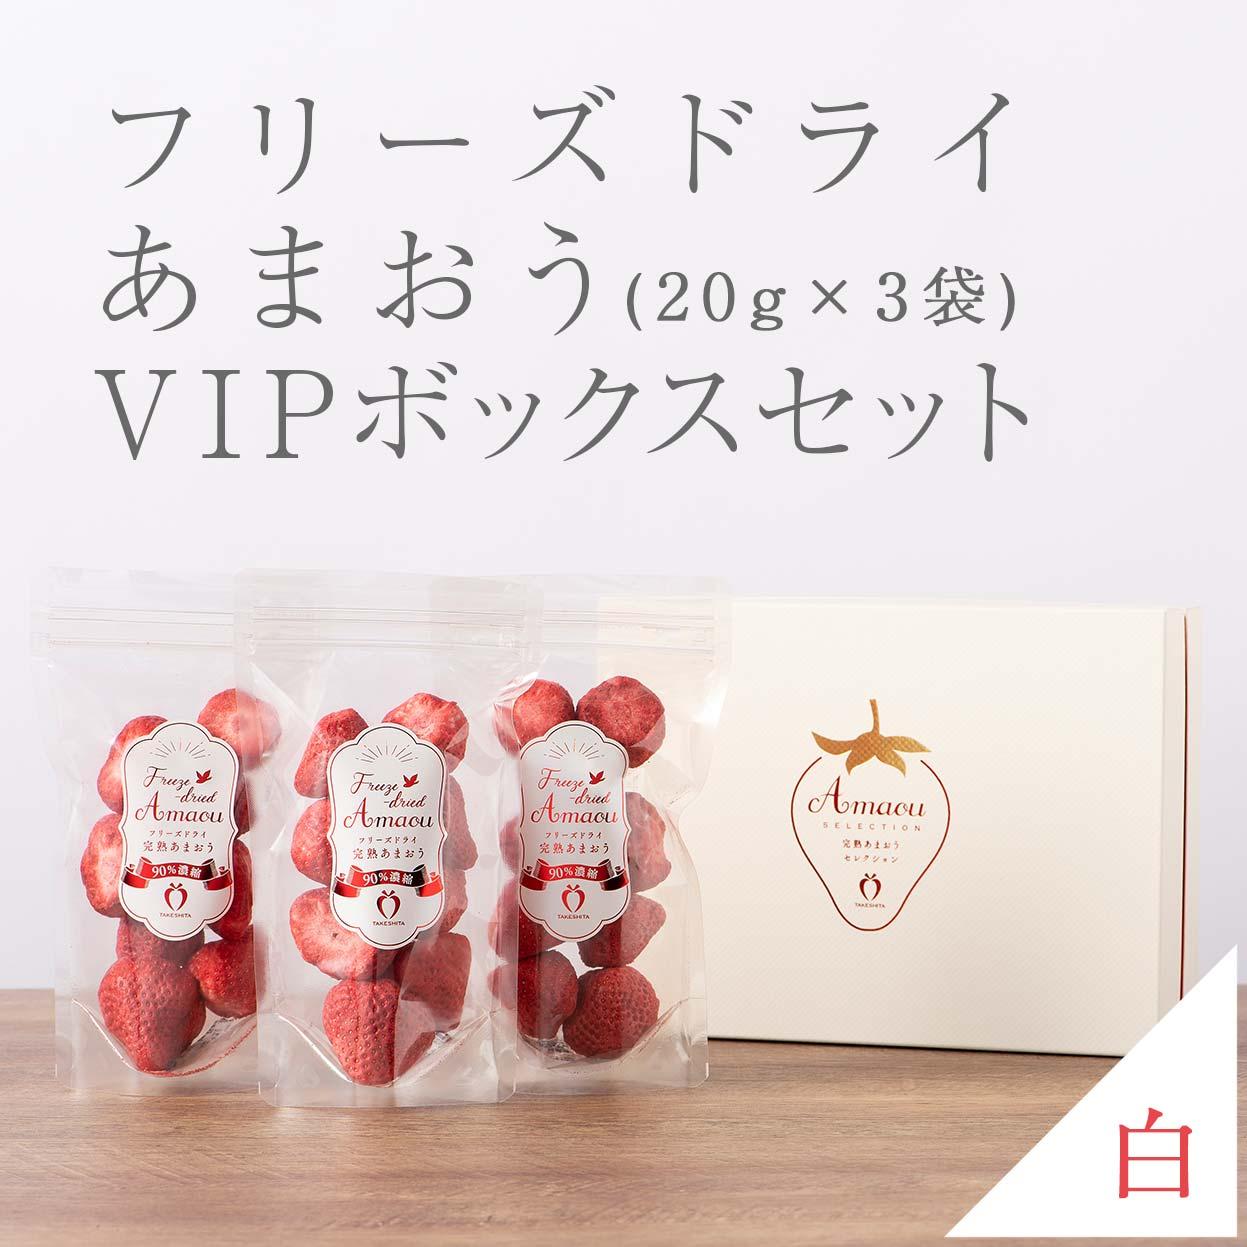 VIPボックス白 フリーズドライあまおうセット 20g×3袋